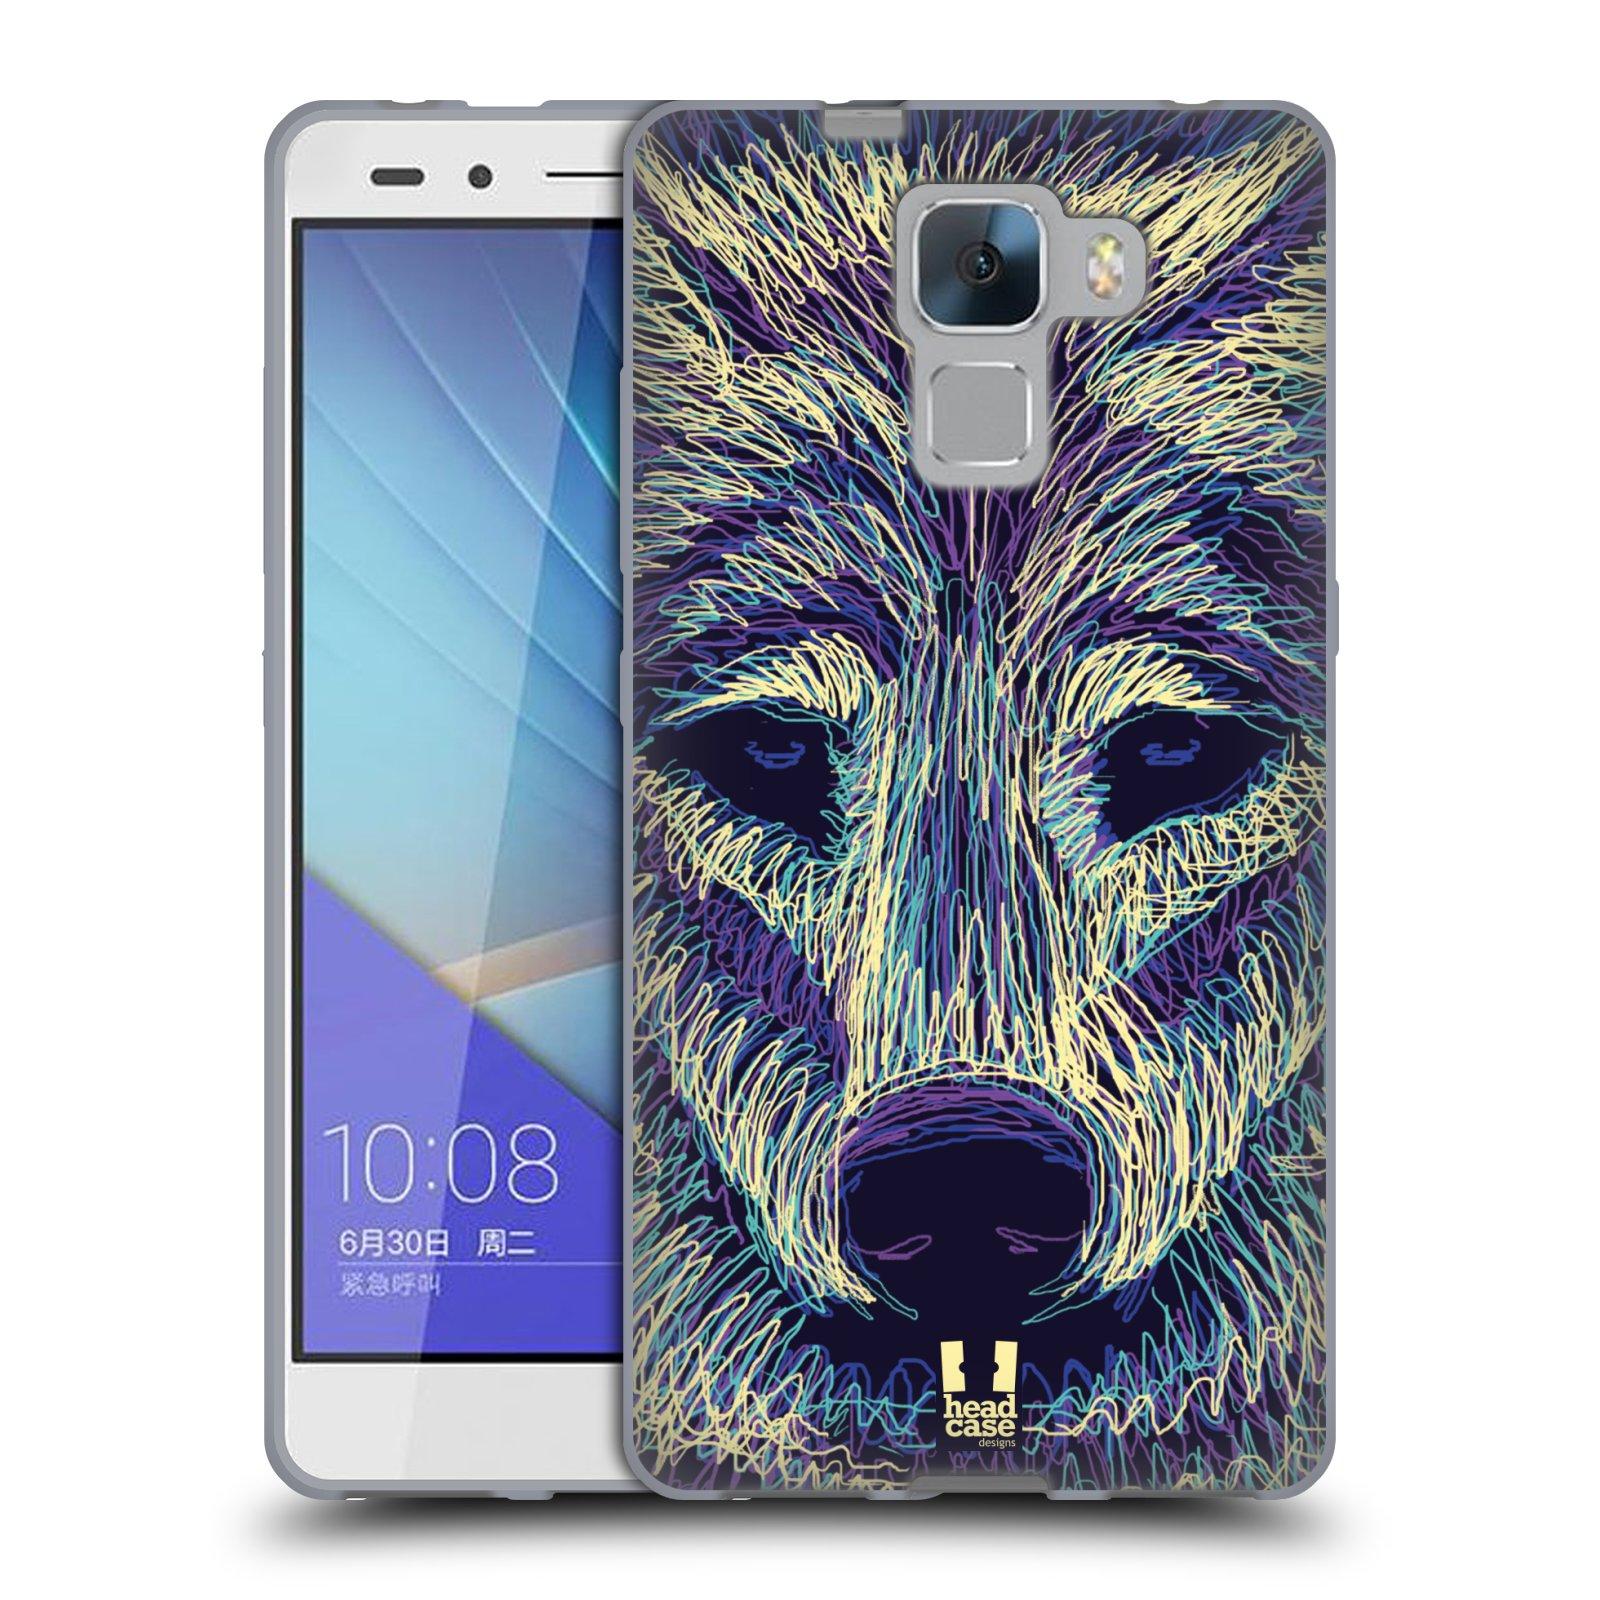 HEAD CASE silikonový obal na mobil HUAWEI HONOR 7 vzor zvíře čmáranice vlk